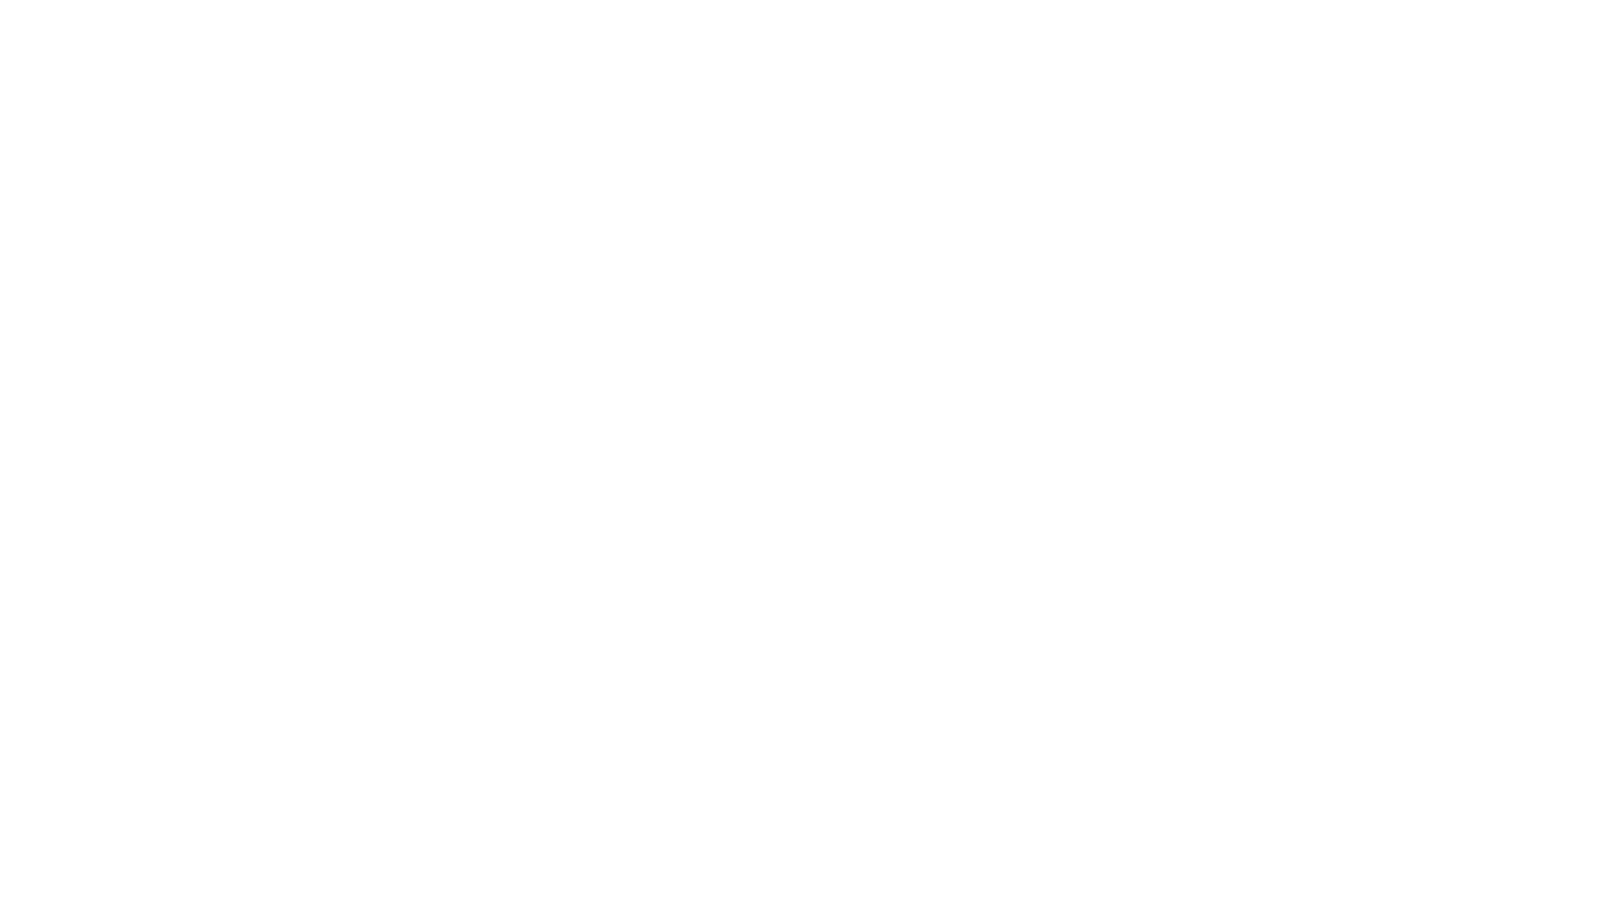 Ржищівський фаховий коледж будівництва та економіки запрошує на навчання!!! Наша адреса: 09231 Київська область, м. Ржищів, вул. Освіти, 1 Наші контакти: тел.  04573 2 32 49  (приймальна комісія) тел./факс  04573 2 33 20 E-mail: rzishev_rbt@ukr.net Веб-сайт: https://rbt.net.ua Фейсбук: @rzhyschiv.rbt Інстаграм: @rbt.rzhyschiv Якщо ви вибрали наш заклад для вступу або хочете дізнатися про нас більше, заповніть Анкету вступника https://rbt.net.ua/vstup-anketa/